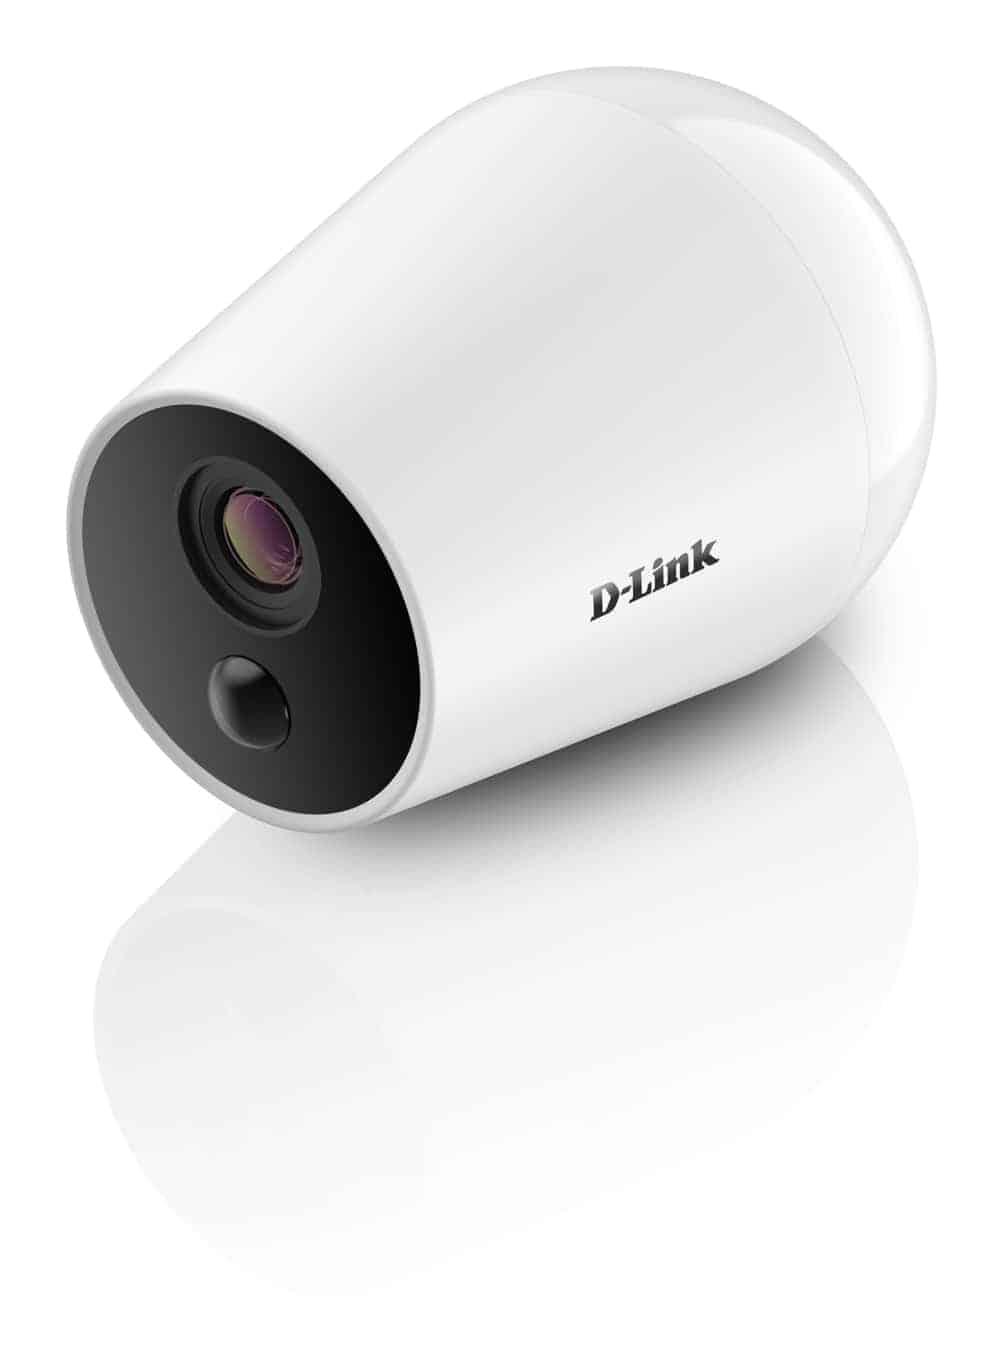 D Link LTE Full HD Indoor Outdoor Camera DCS 1820LH Image 1